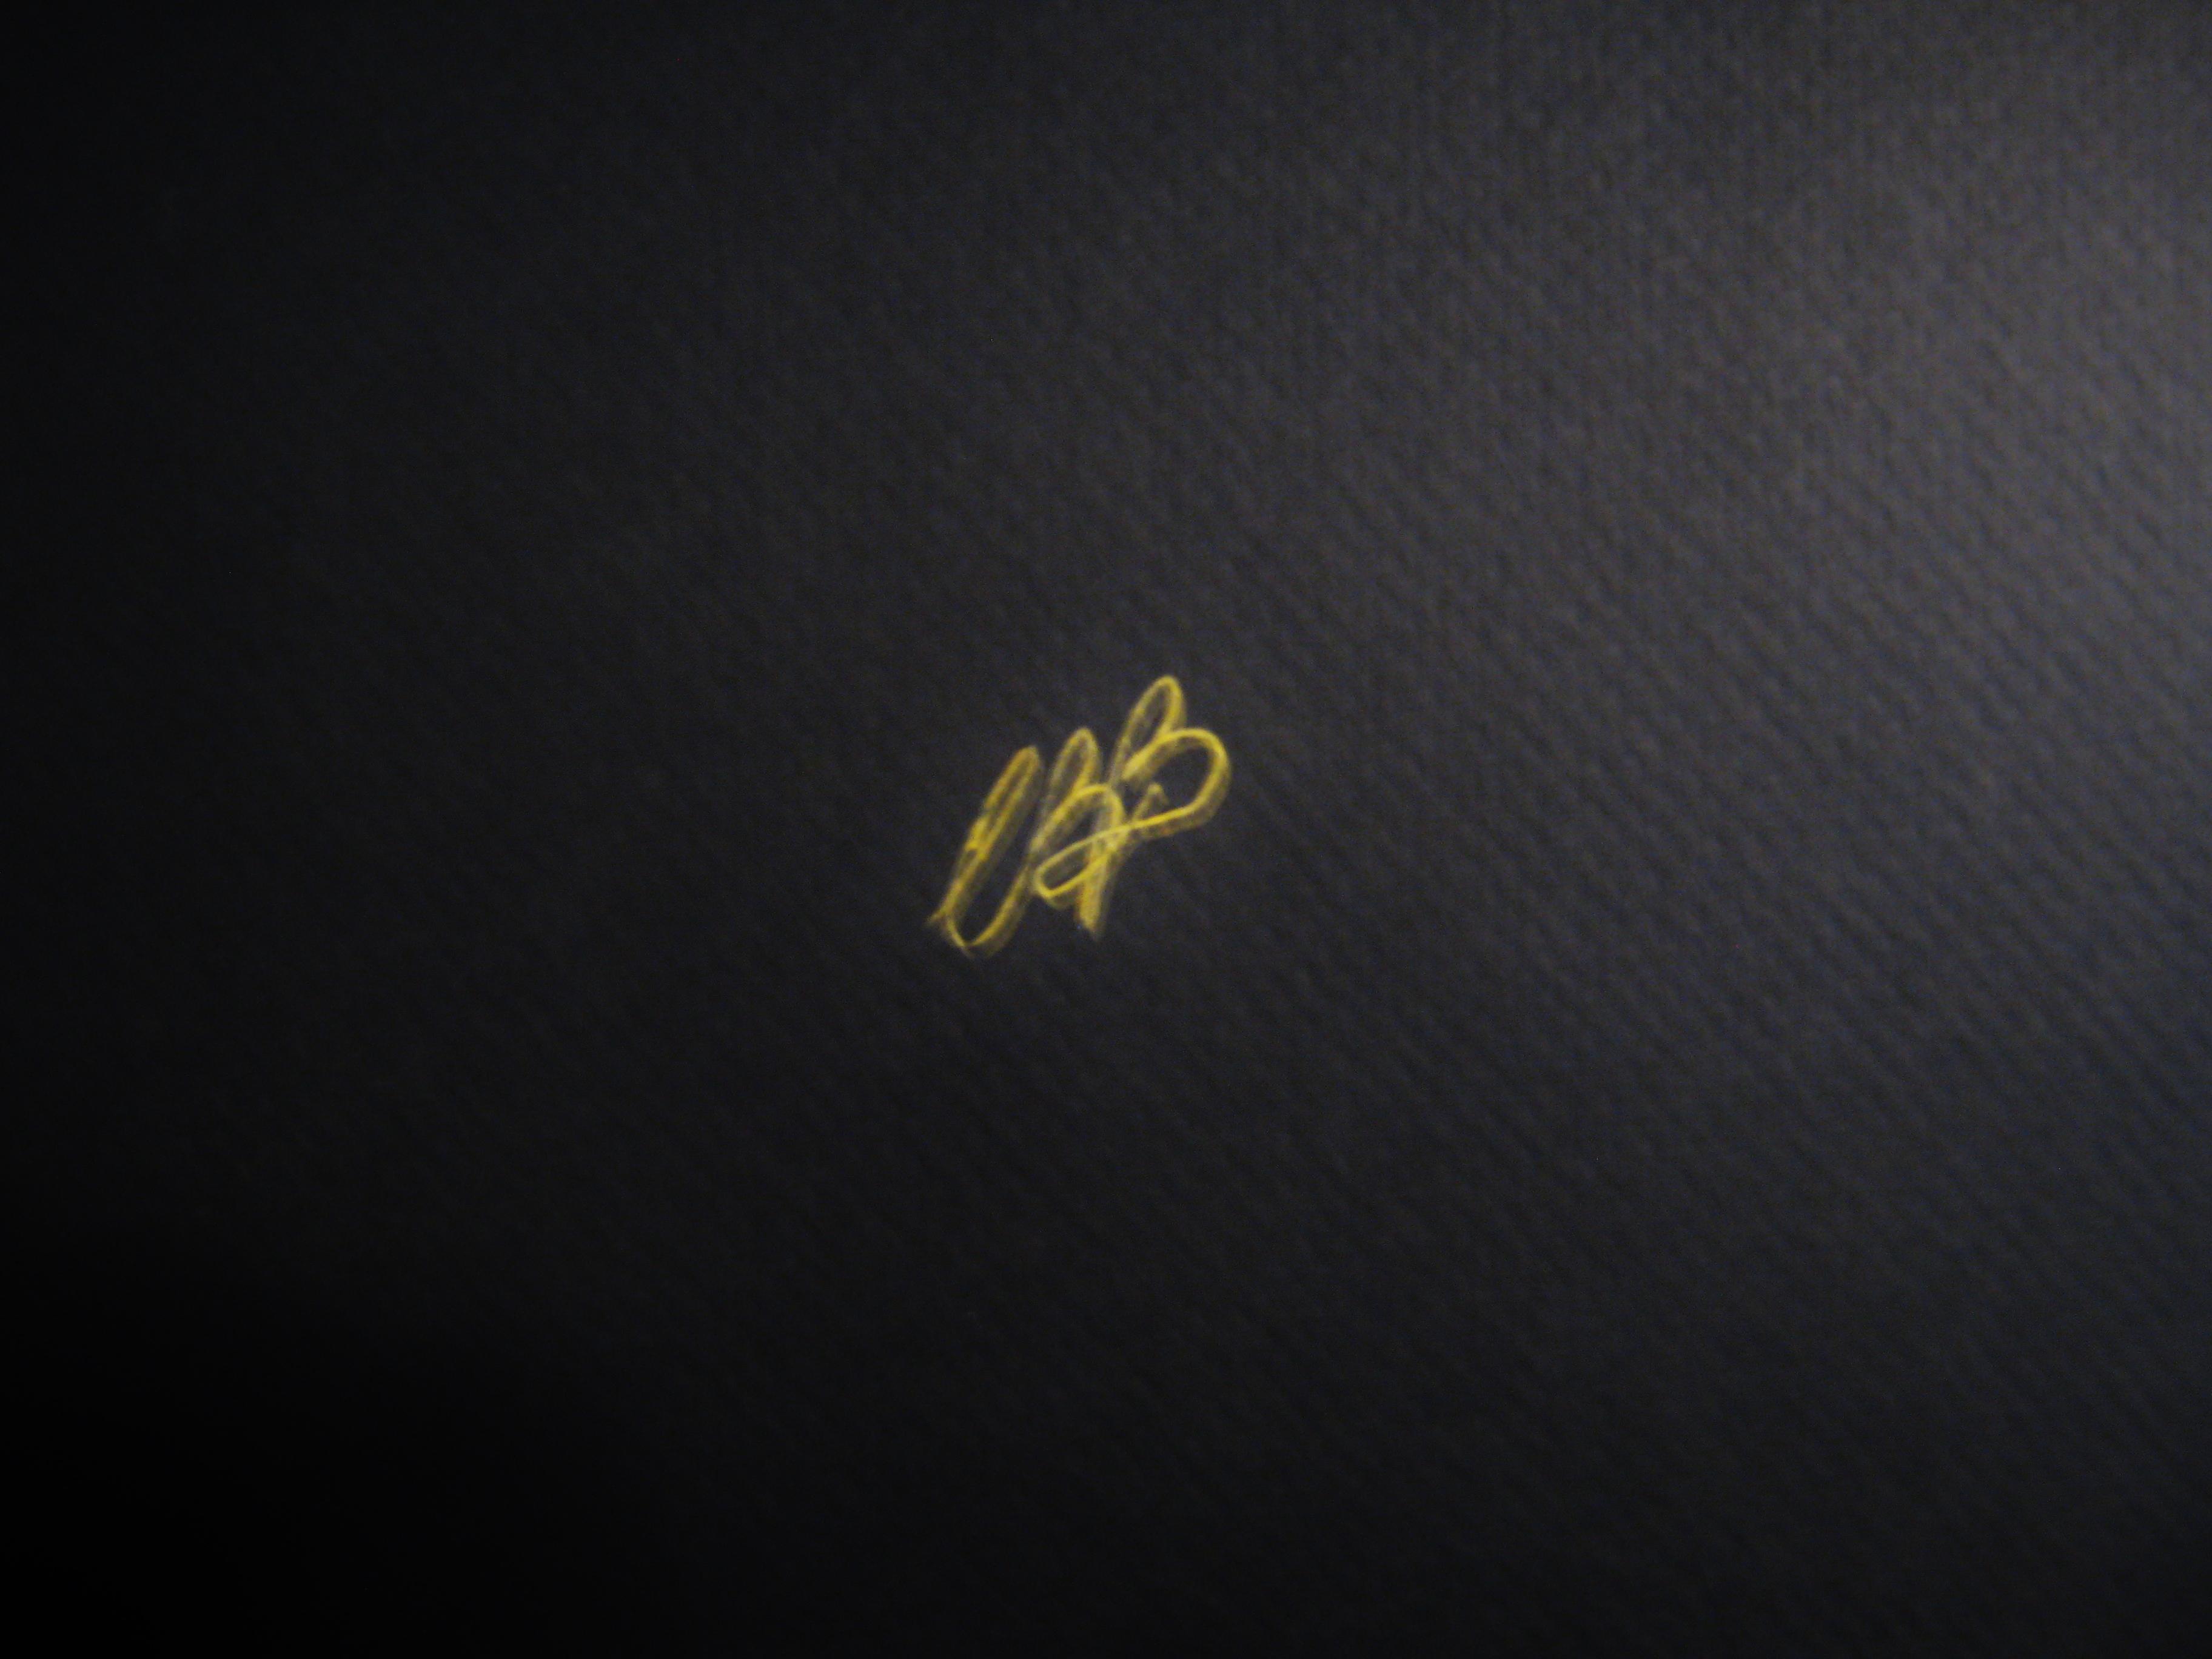 CR Bravo Signature